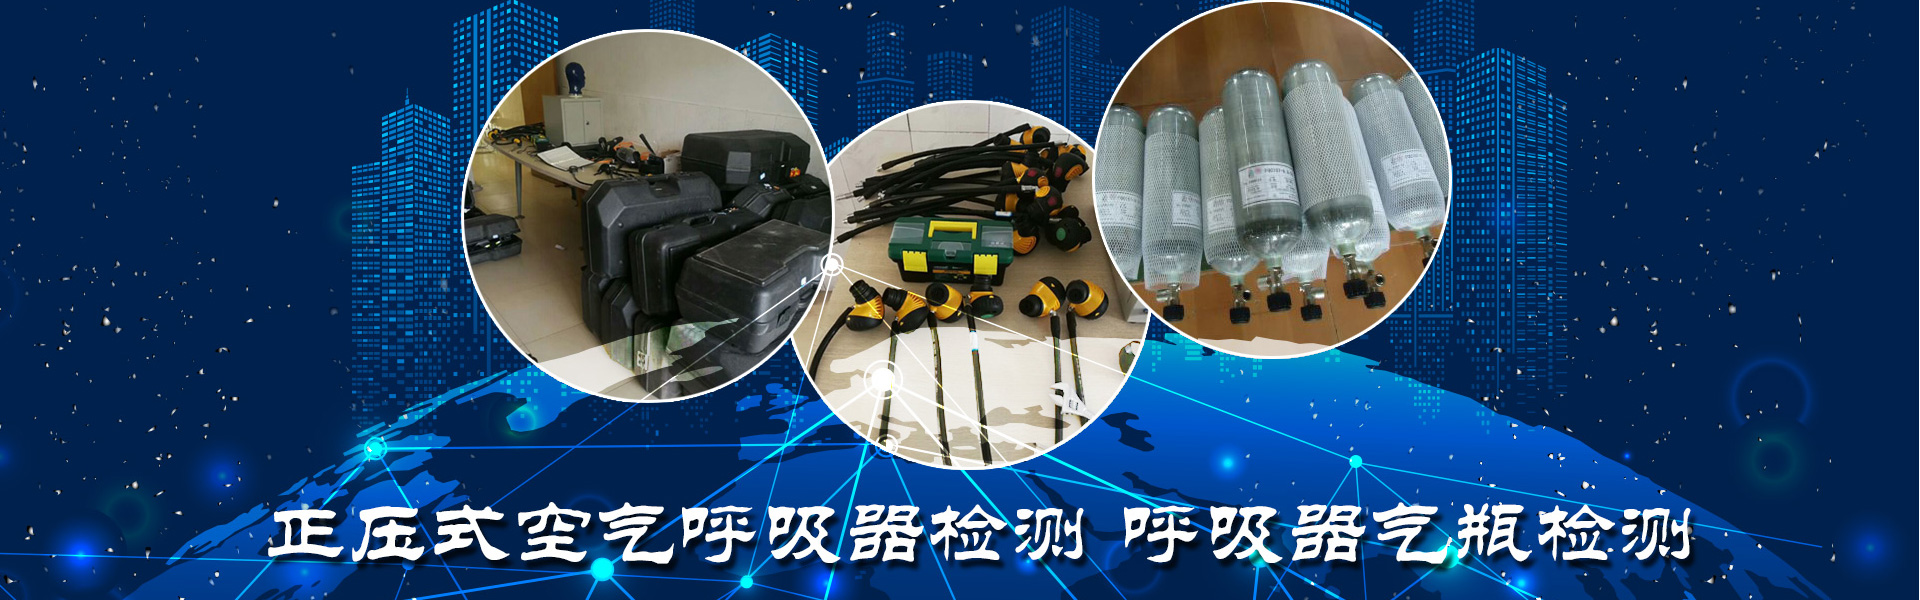 正压式空气呼吸器检测、呼吸器气瓶检测一流服务一流品质